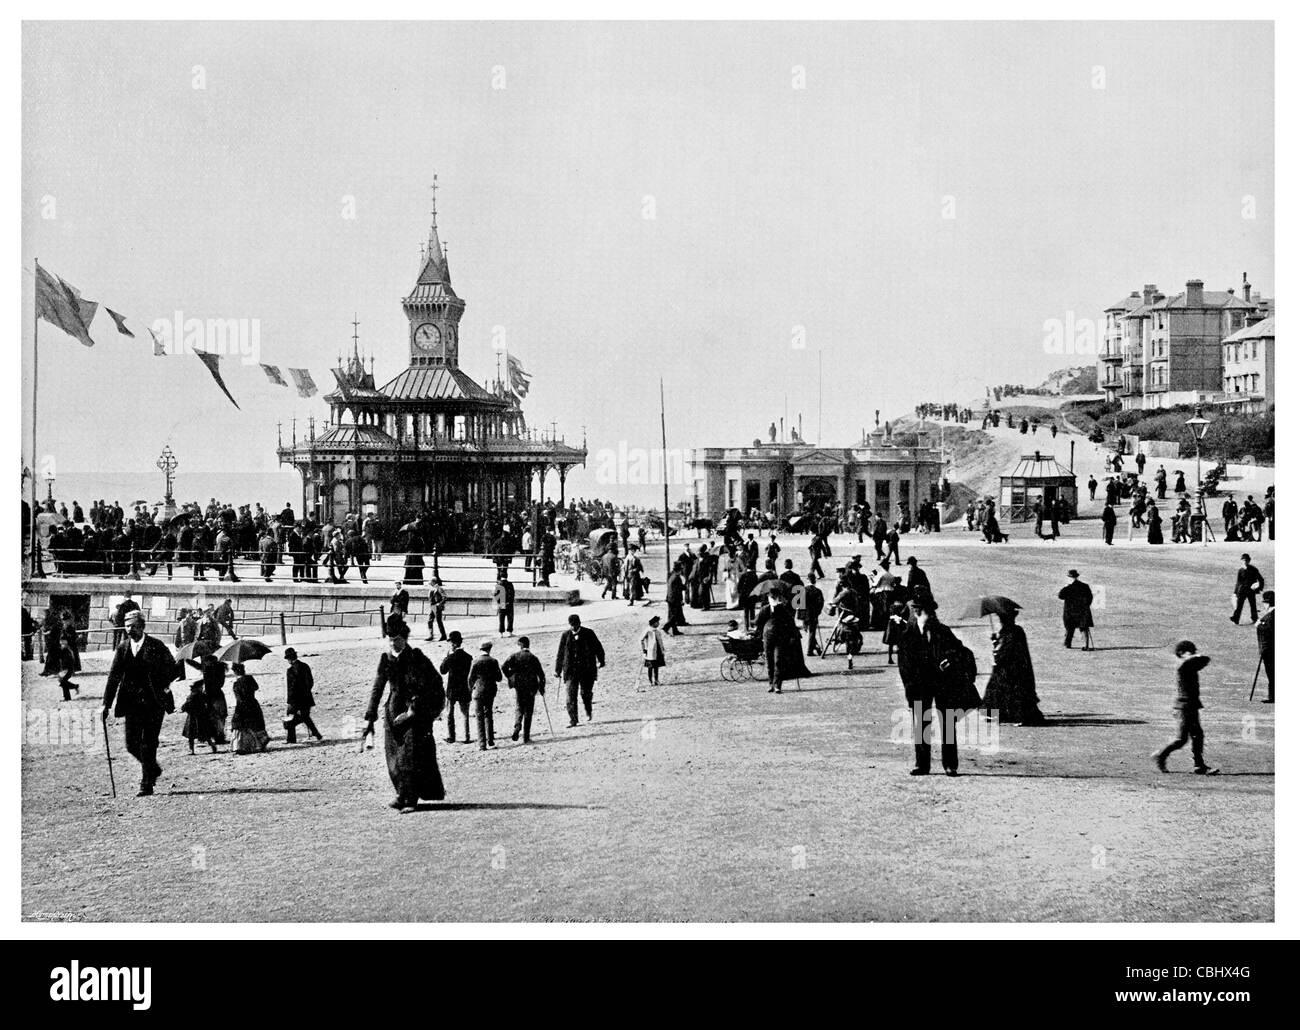 pier Bournemouth George Rennie bandstand Promenade esplanade - Stock Image